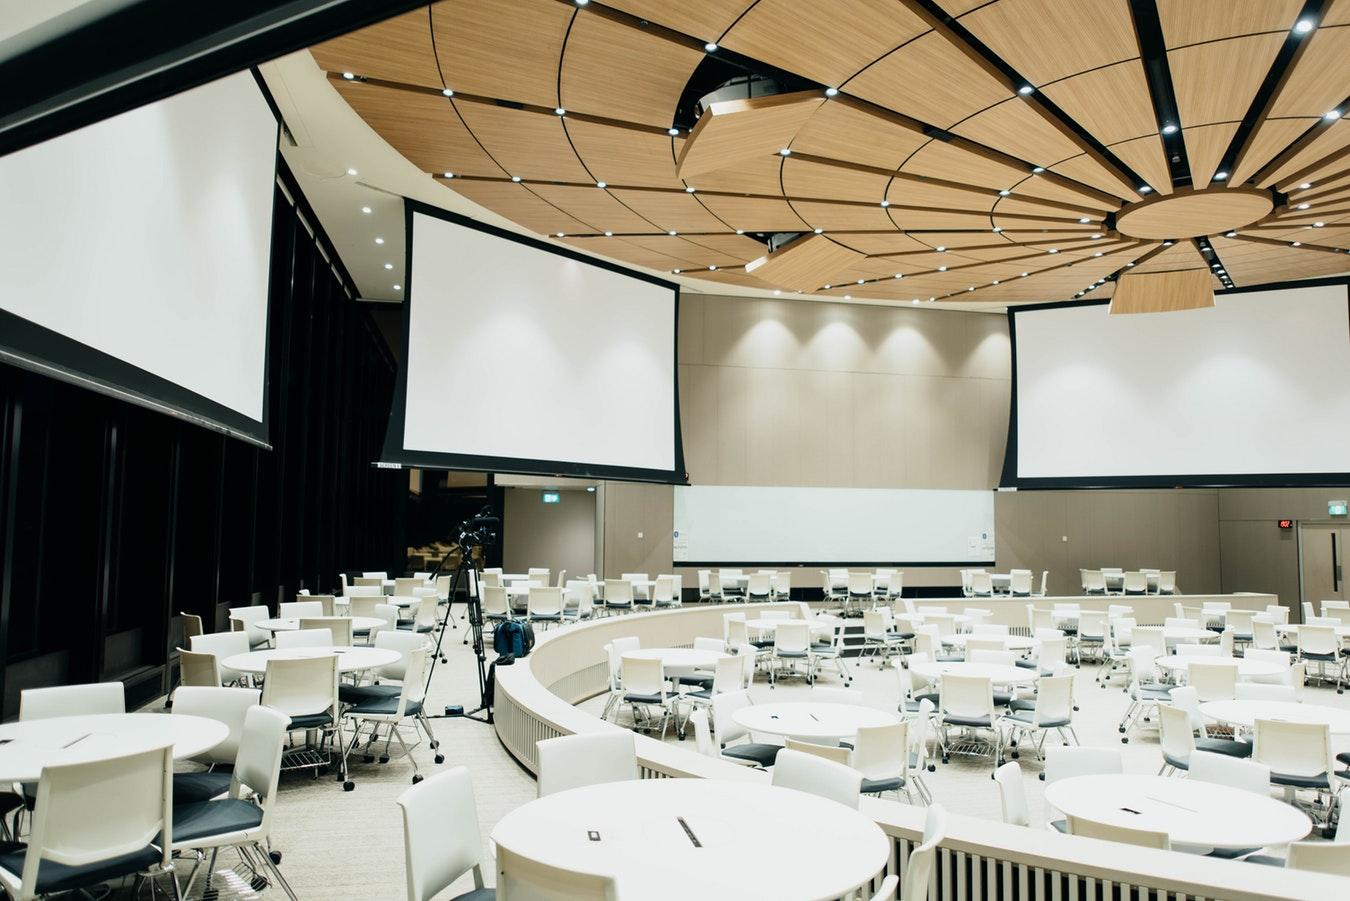 Szukanie sali konferencyjnej odpowiadającej potrzebom